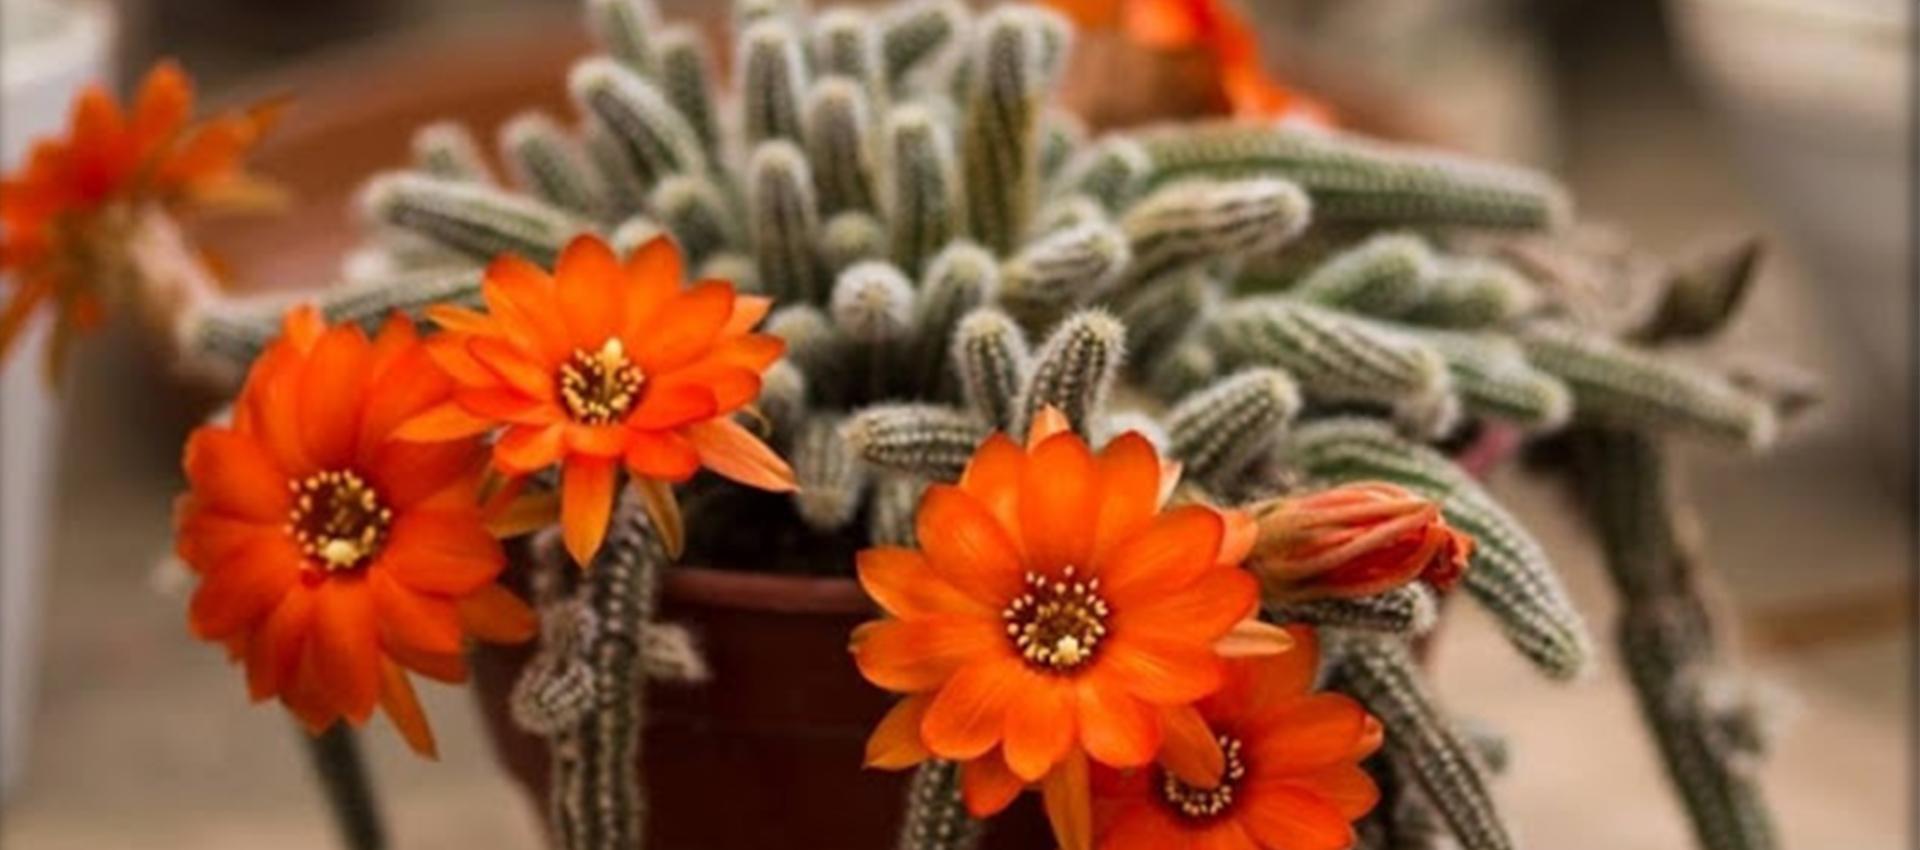 Как да отглеждаме фъстъчен кактус (Echinopsis chamaecereus)